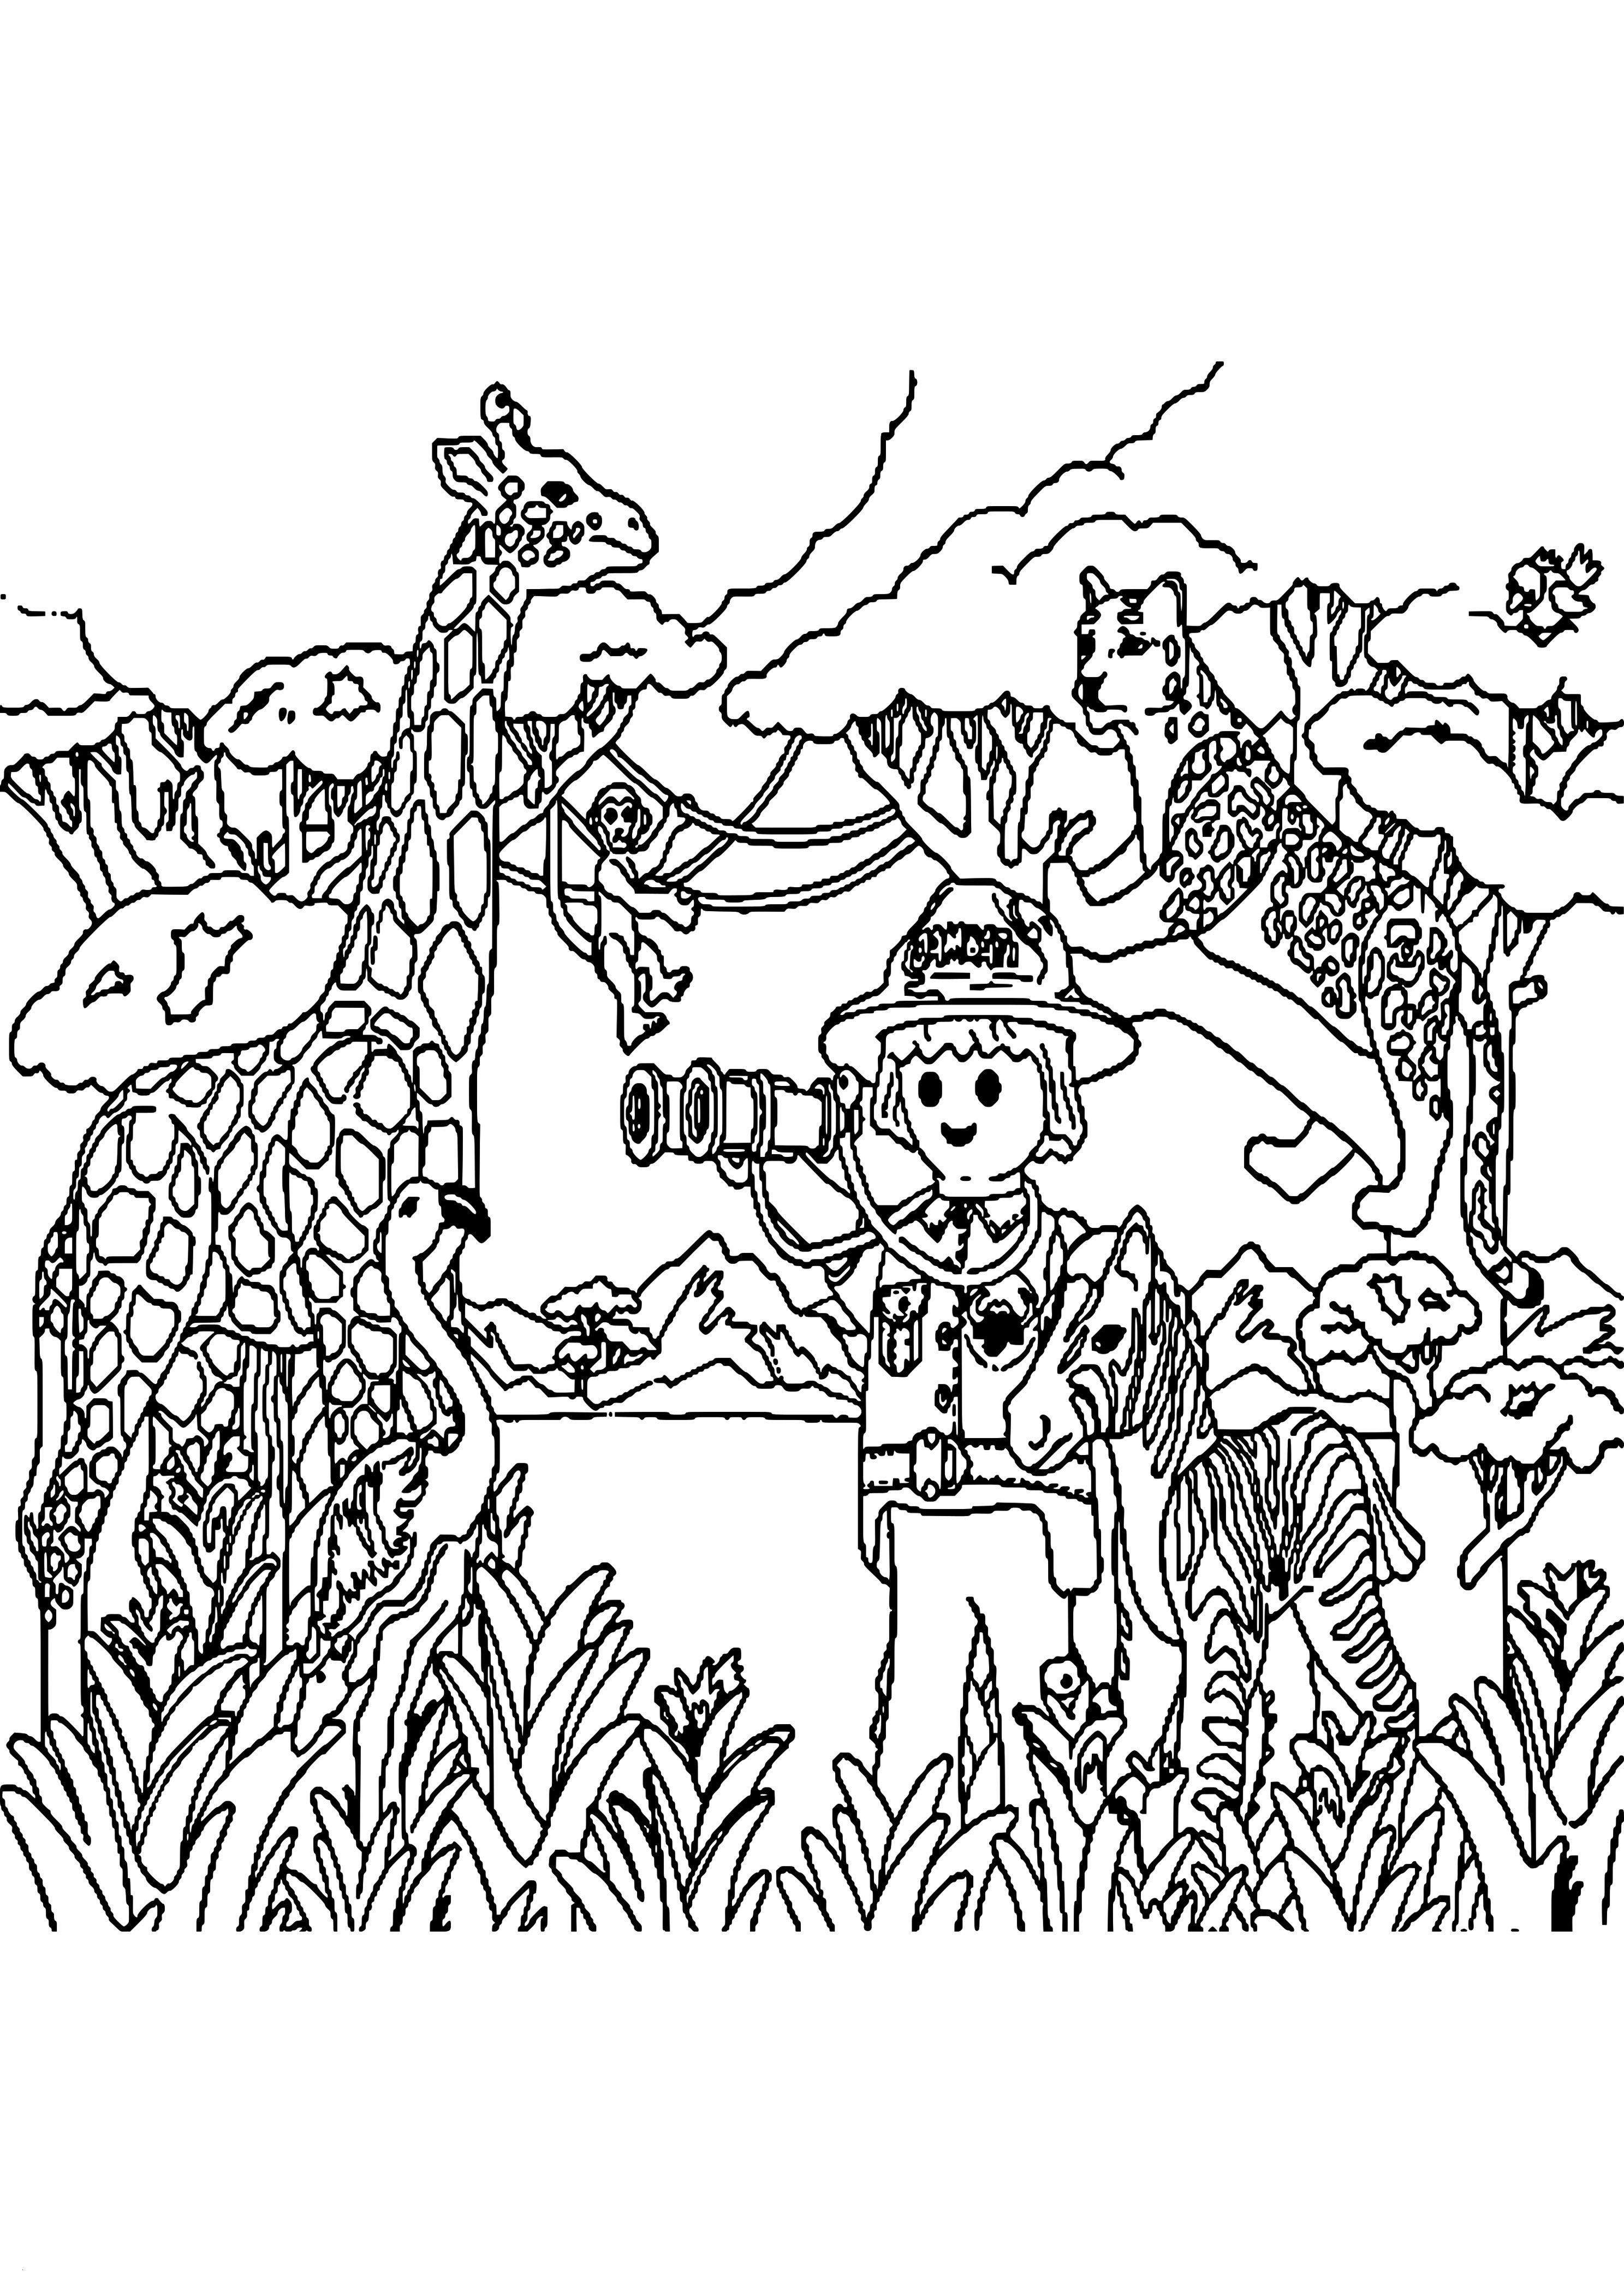 Ausmalbilder Herbst Kostenlos Ausdrucken Inspirierend Ausmalbilder Herbst Drachen Kostenlos Best Malvorlagen Igel Best Galerie